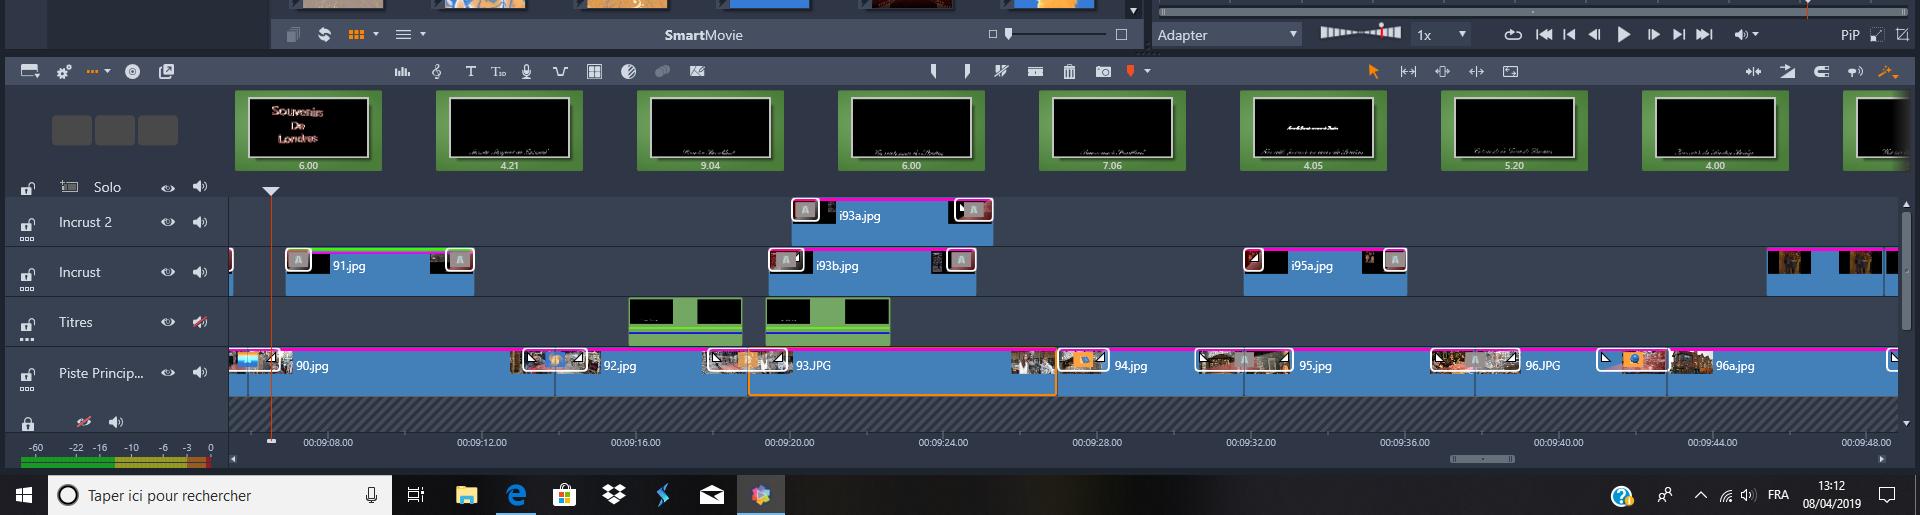 Capture d'écran (5).png